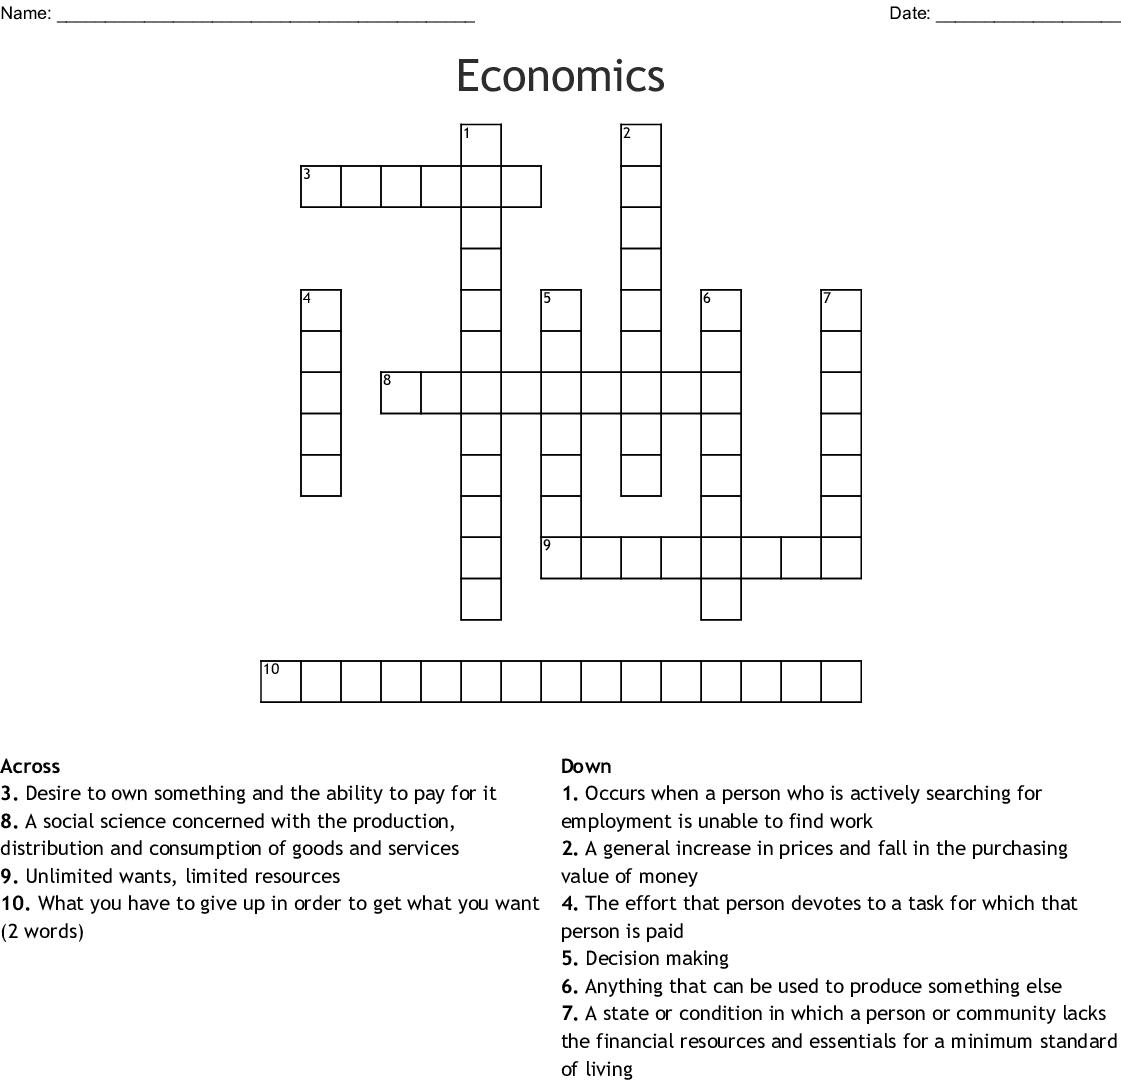 Economics Crossword - WordMint